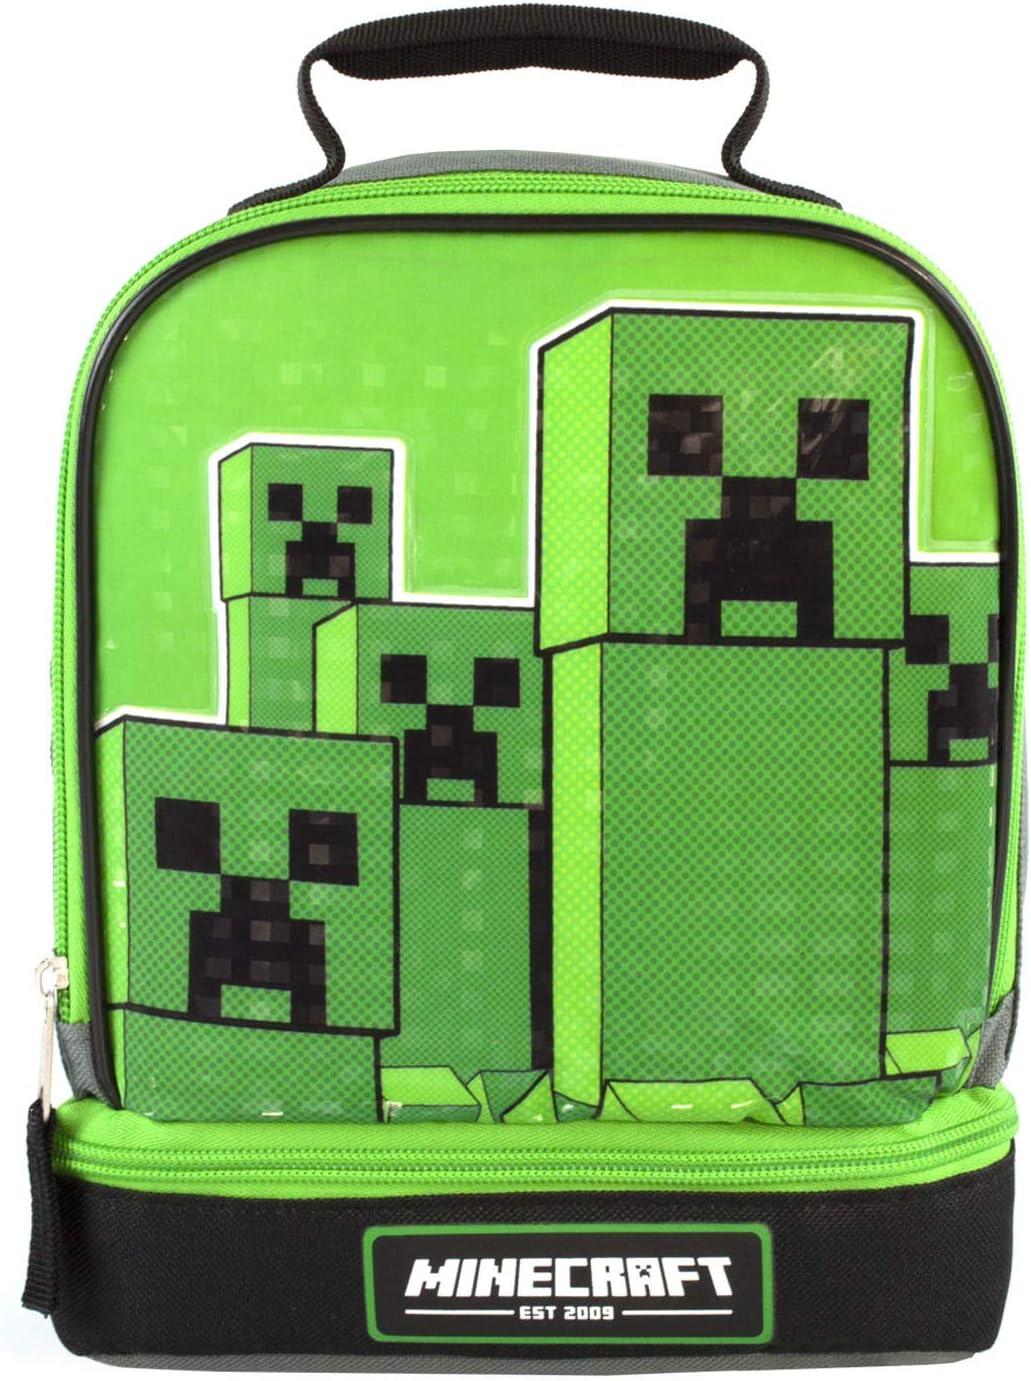 Minecraft Kids Lunchbox Creeper Compartimento con cremallera Green Lunch bag Un tamaño